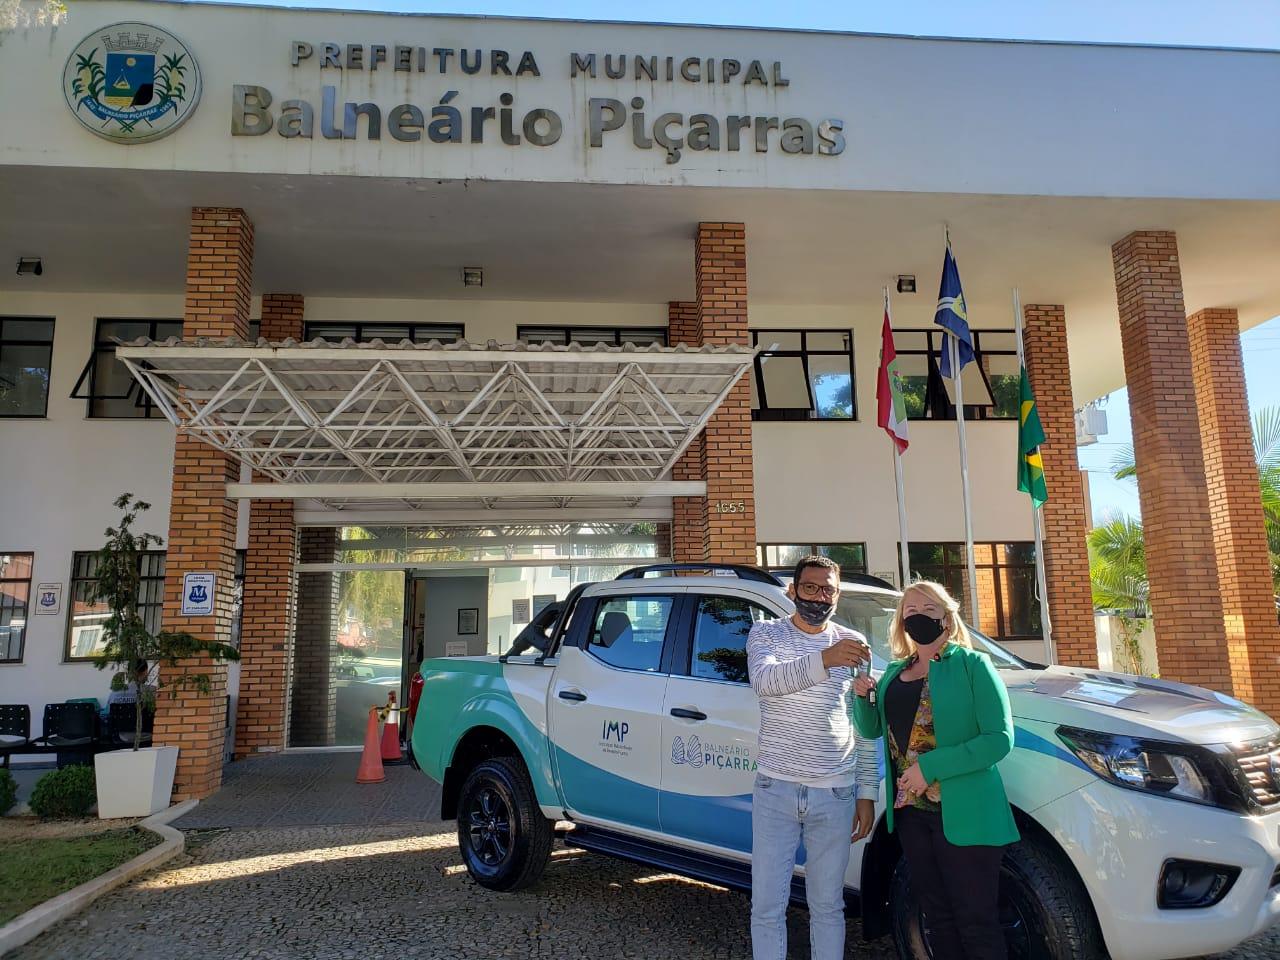 Projeto Recicla Aí: IMP recebe pick-up zero quilômetro para ajudar nas atividades externas